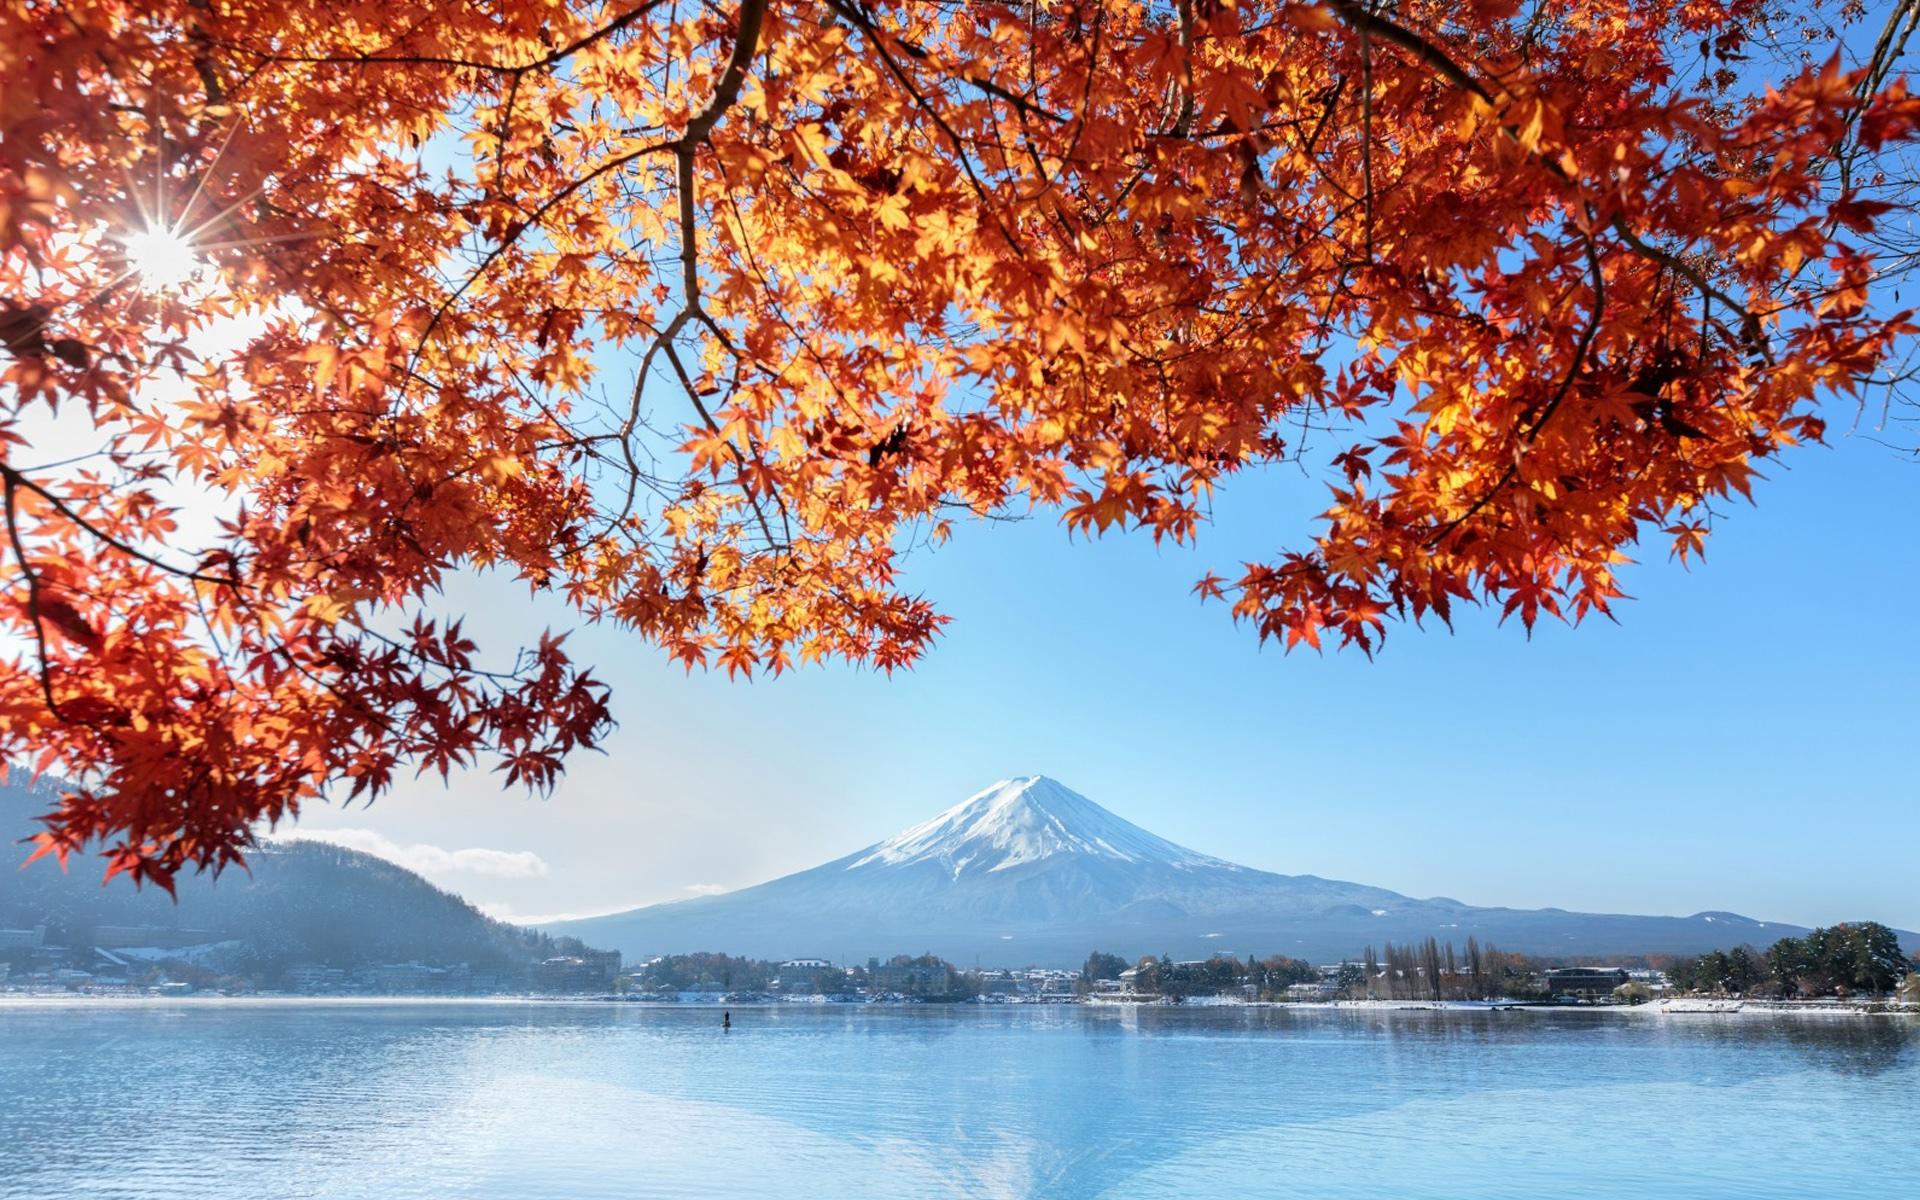 风光摄影:日本富士山秋天风景,红枫和雪山景色太美